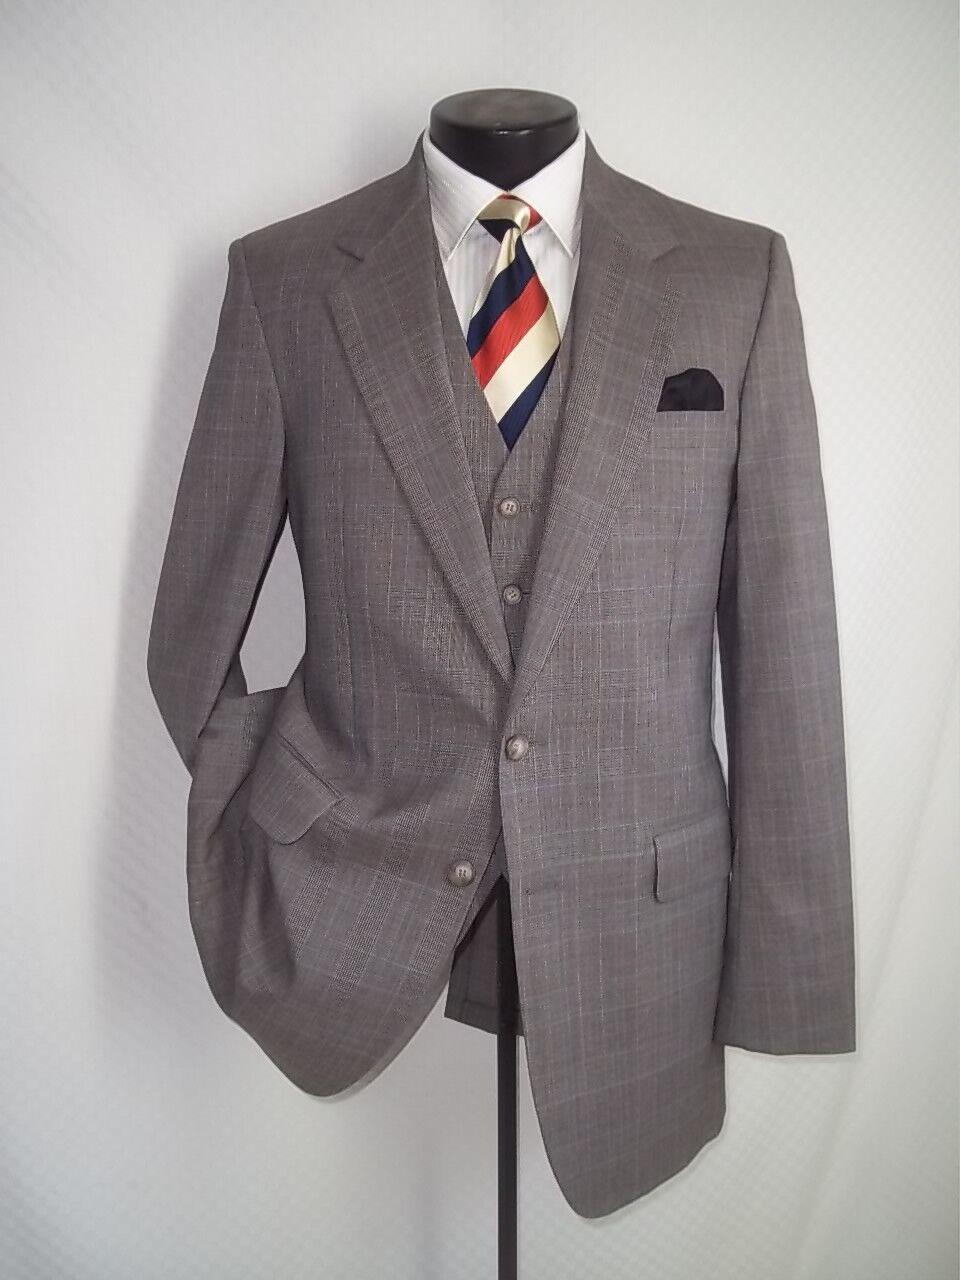 3 Piece Austin Manor Beige Plaid Wool blend 2 Buttons Suit 40LPant 34